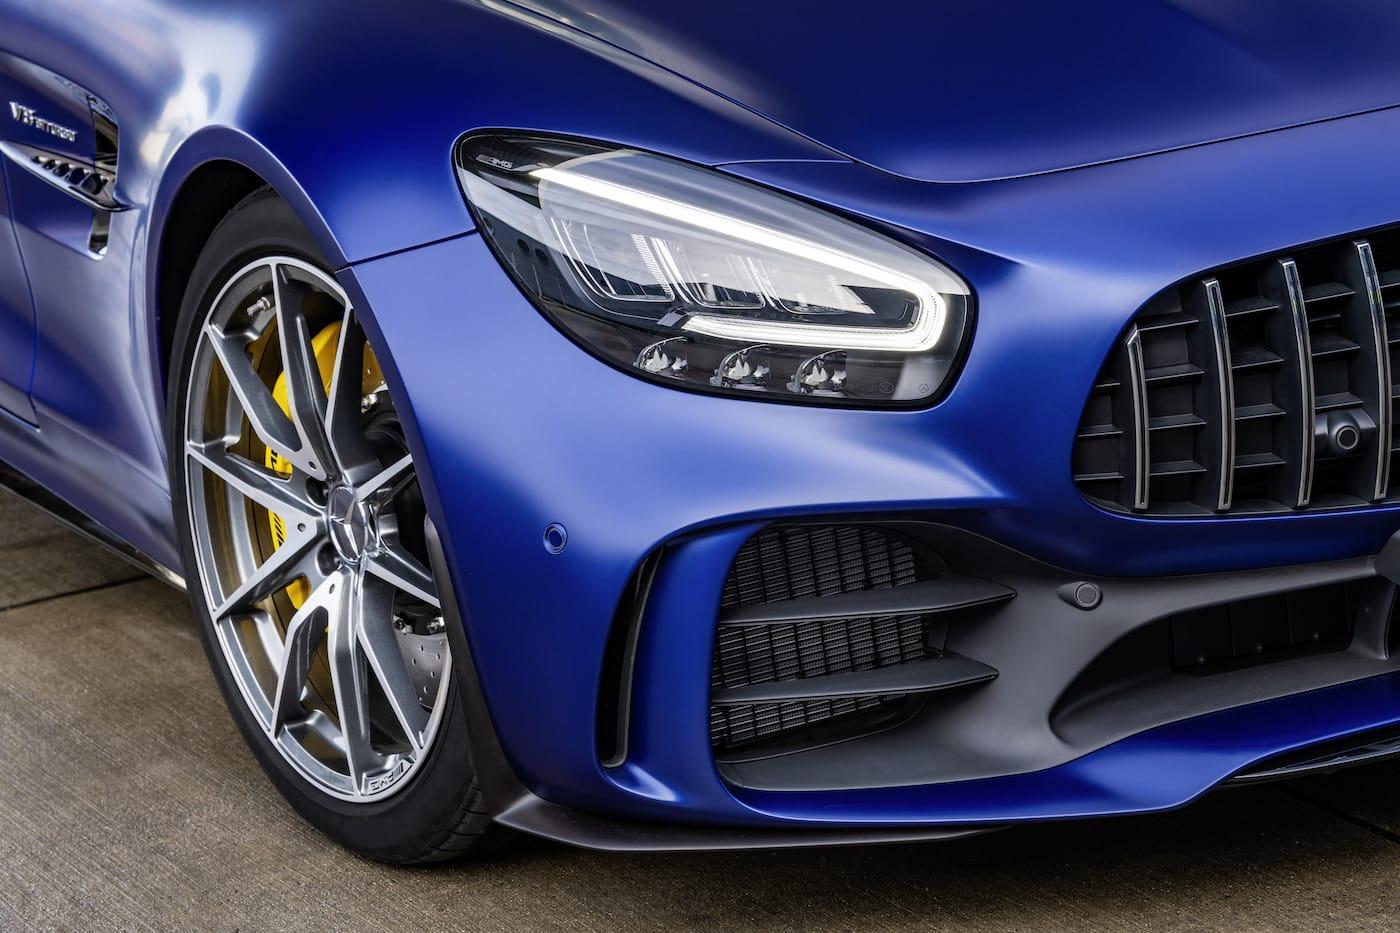 Schöner geht es nicht: Mercedes-Benz präsentiert den AMG GT R Roadster 4